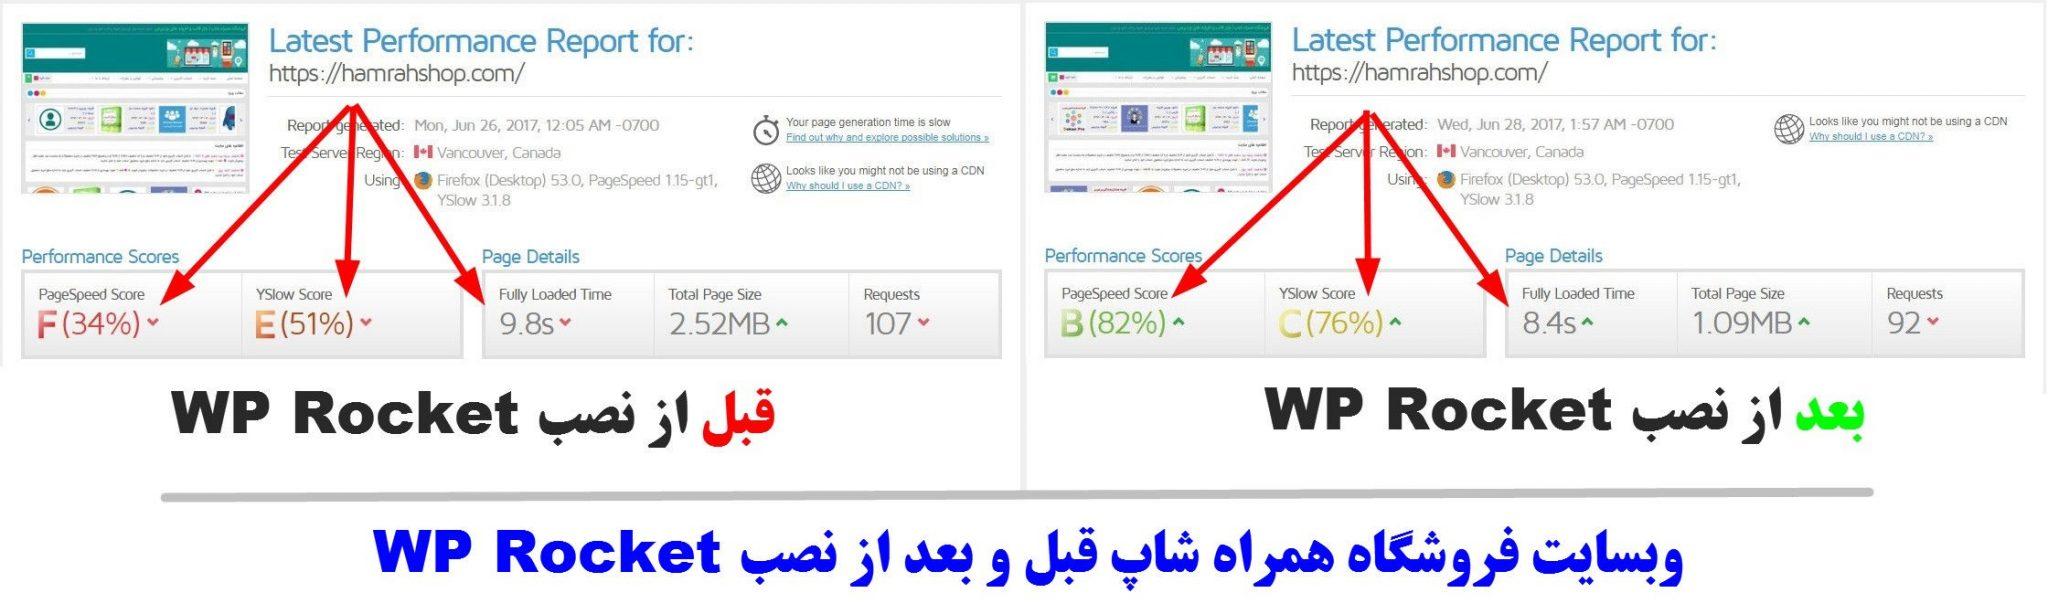 تصویر افزایش سرعت سایت سَمَندون(همراه شاپ) در قبل و بعد از نصب افزونه WP Rocket